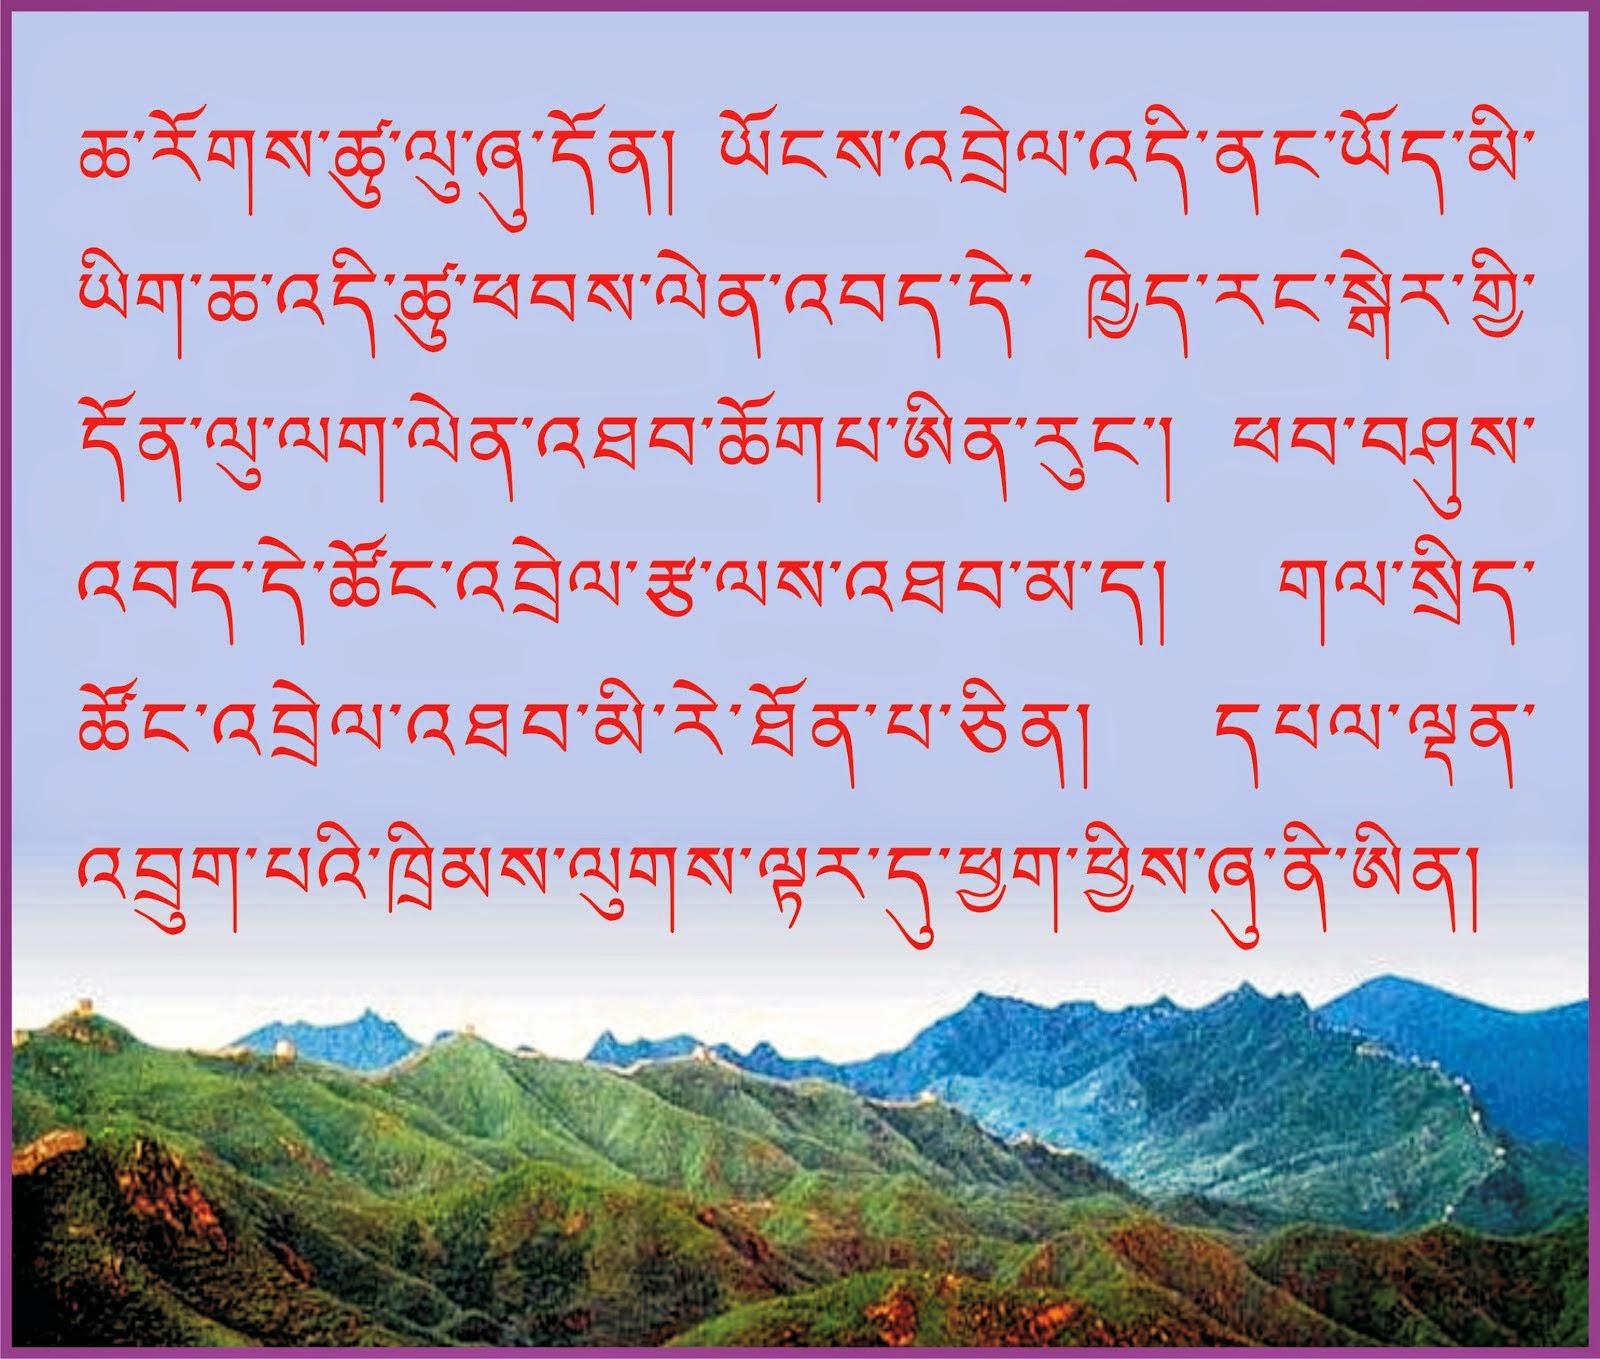 ཆོག་མཆན།